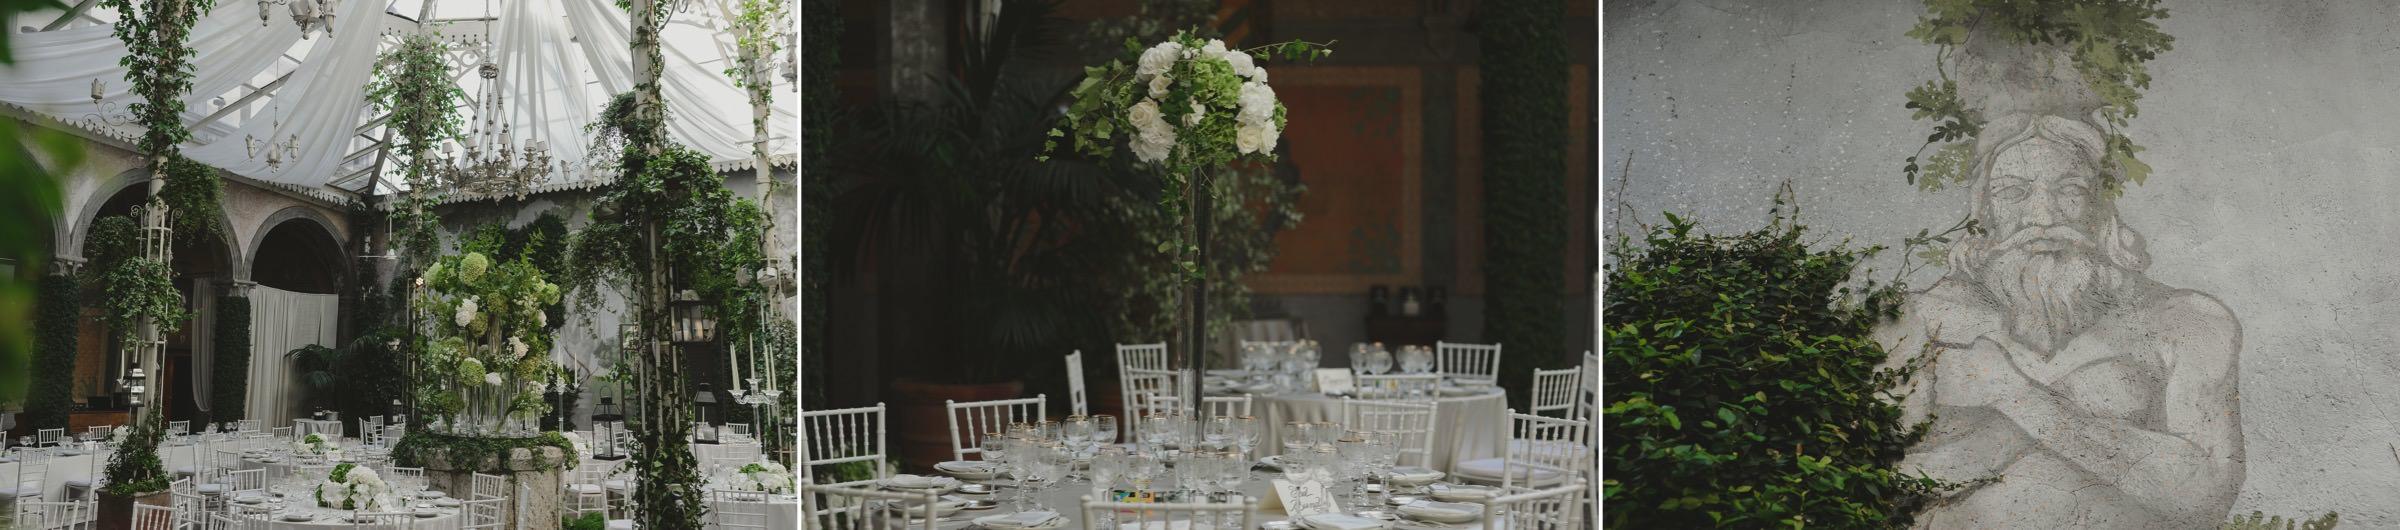 rome wedding venues